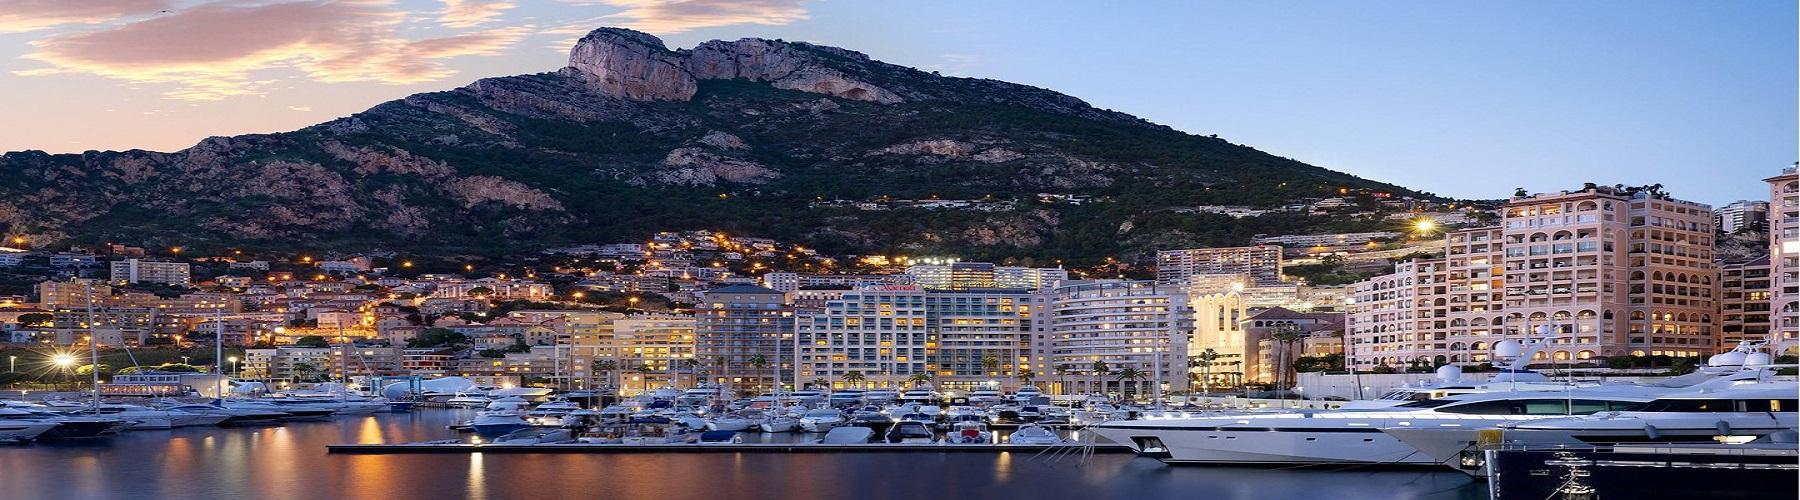 Отель Riviera Marriott Hotel La Porte de Monaco